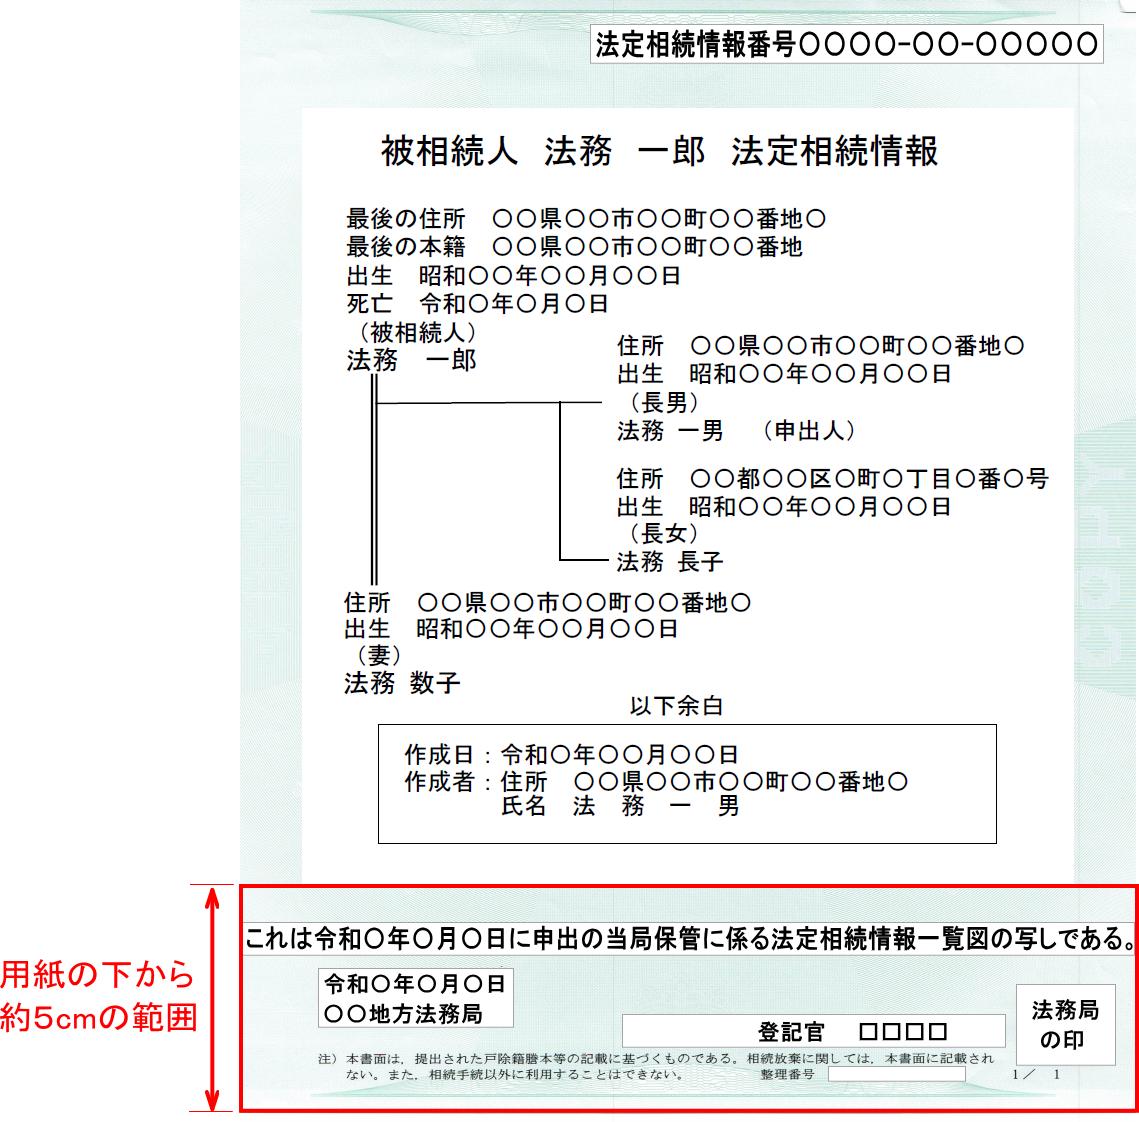 法定相続情報一覧図の写しの例